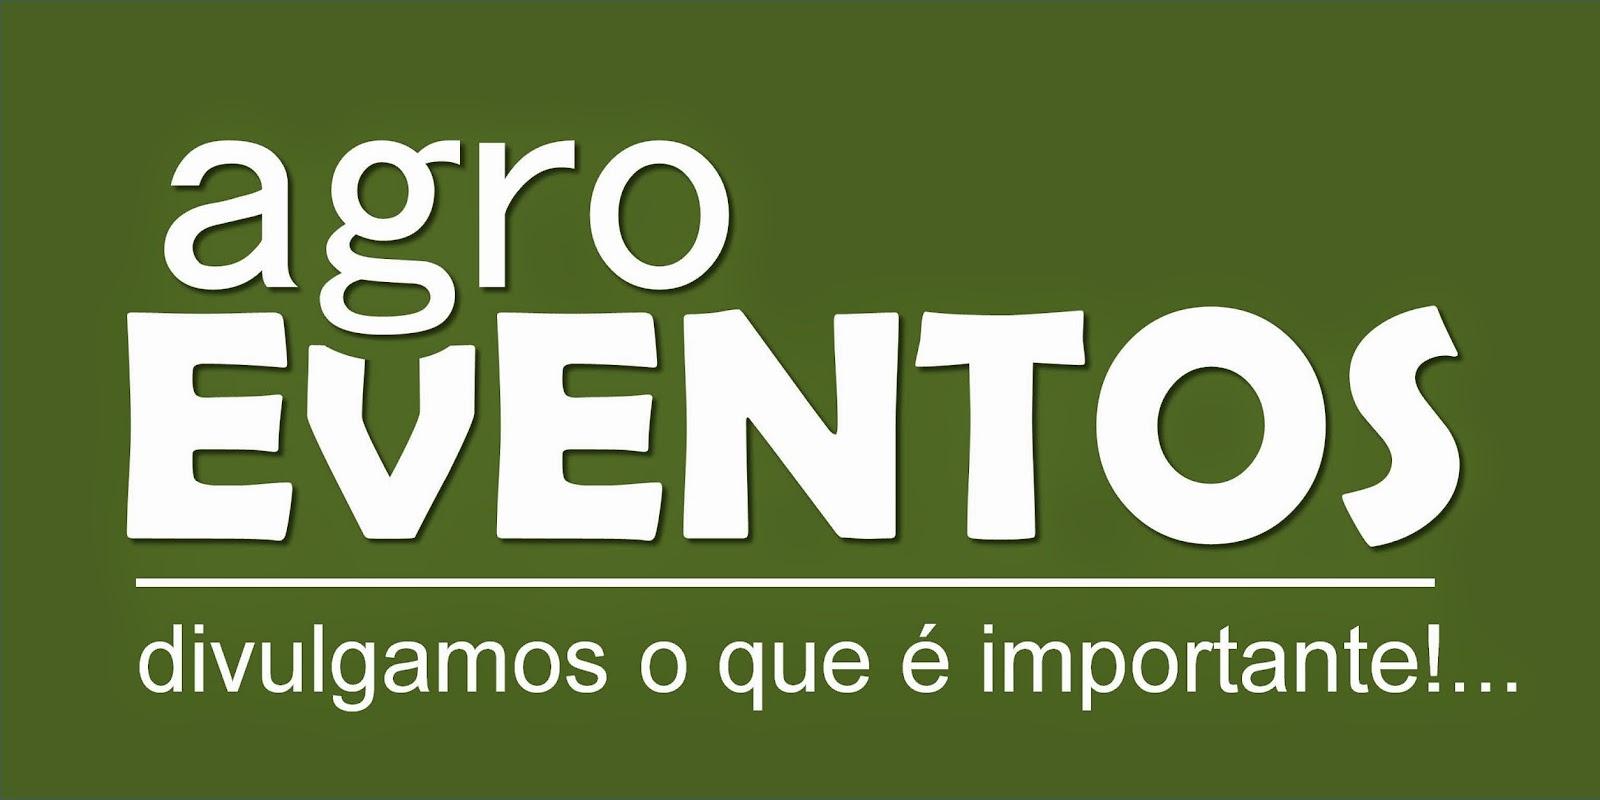 www.agroeventos.pt